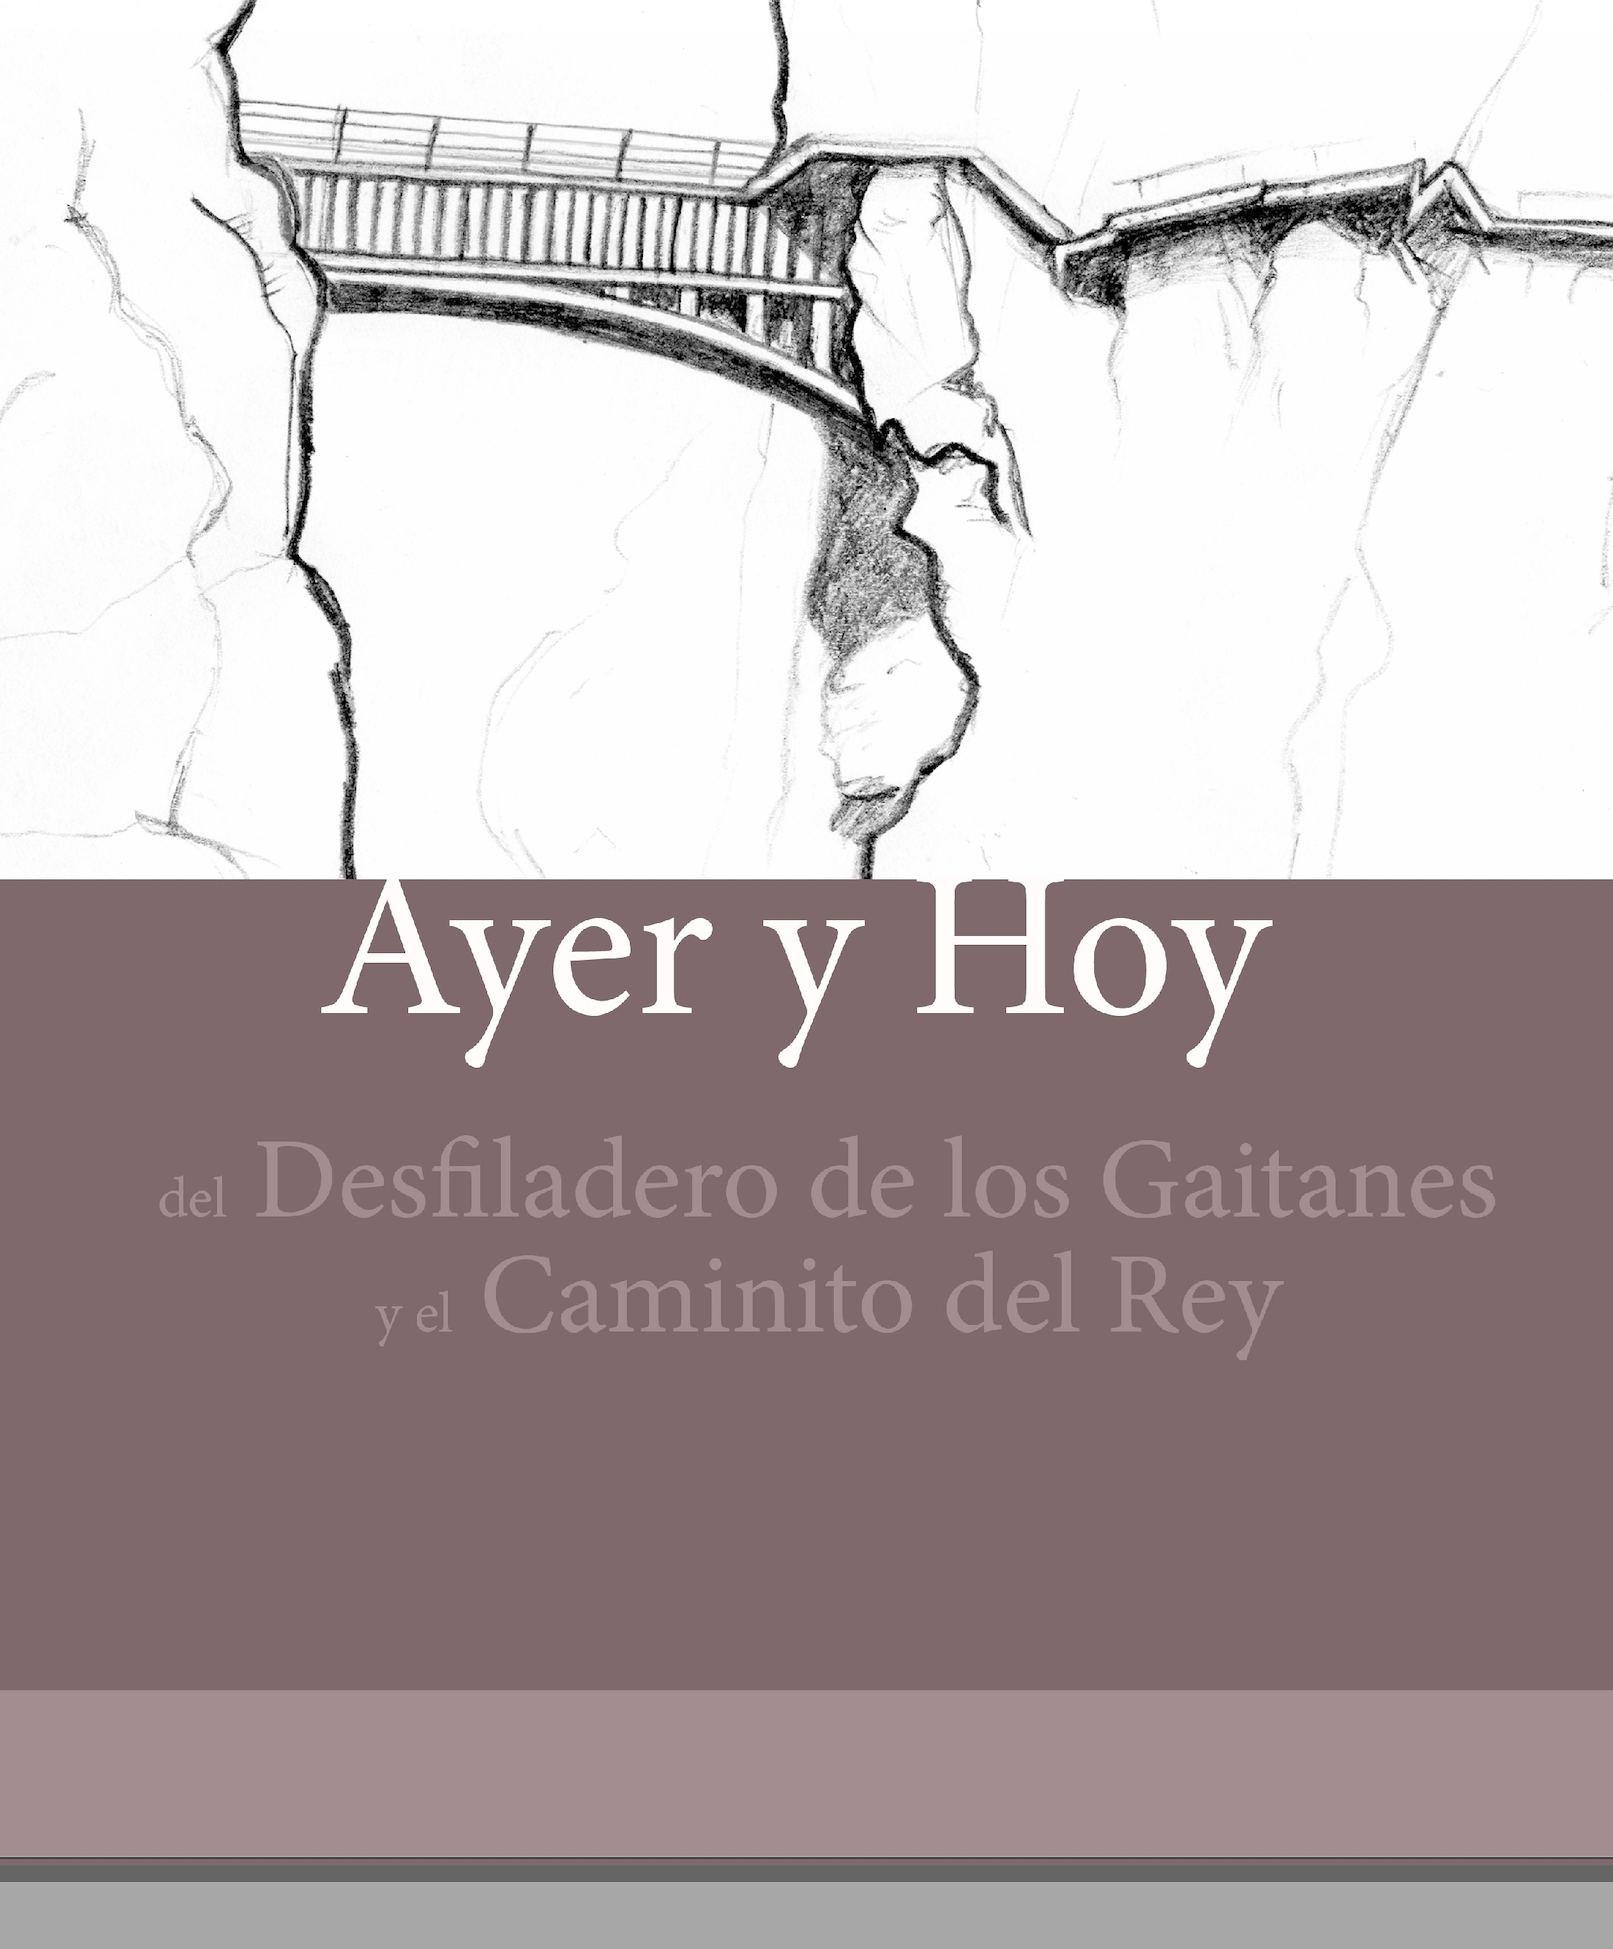 Calaméo - Ayer y Hoy del Desfiladero de los Gaitanes y el Caminito ...